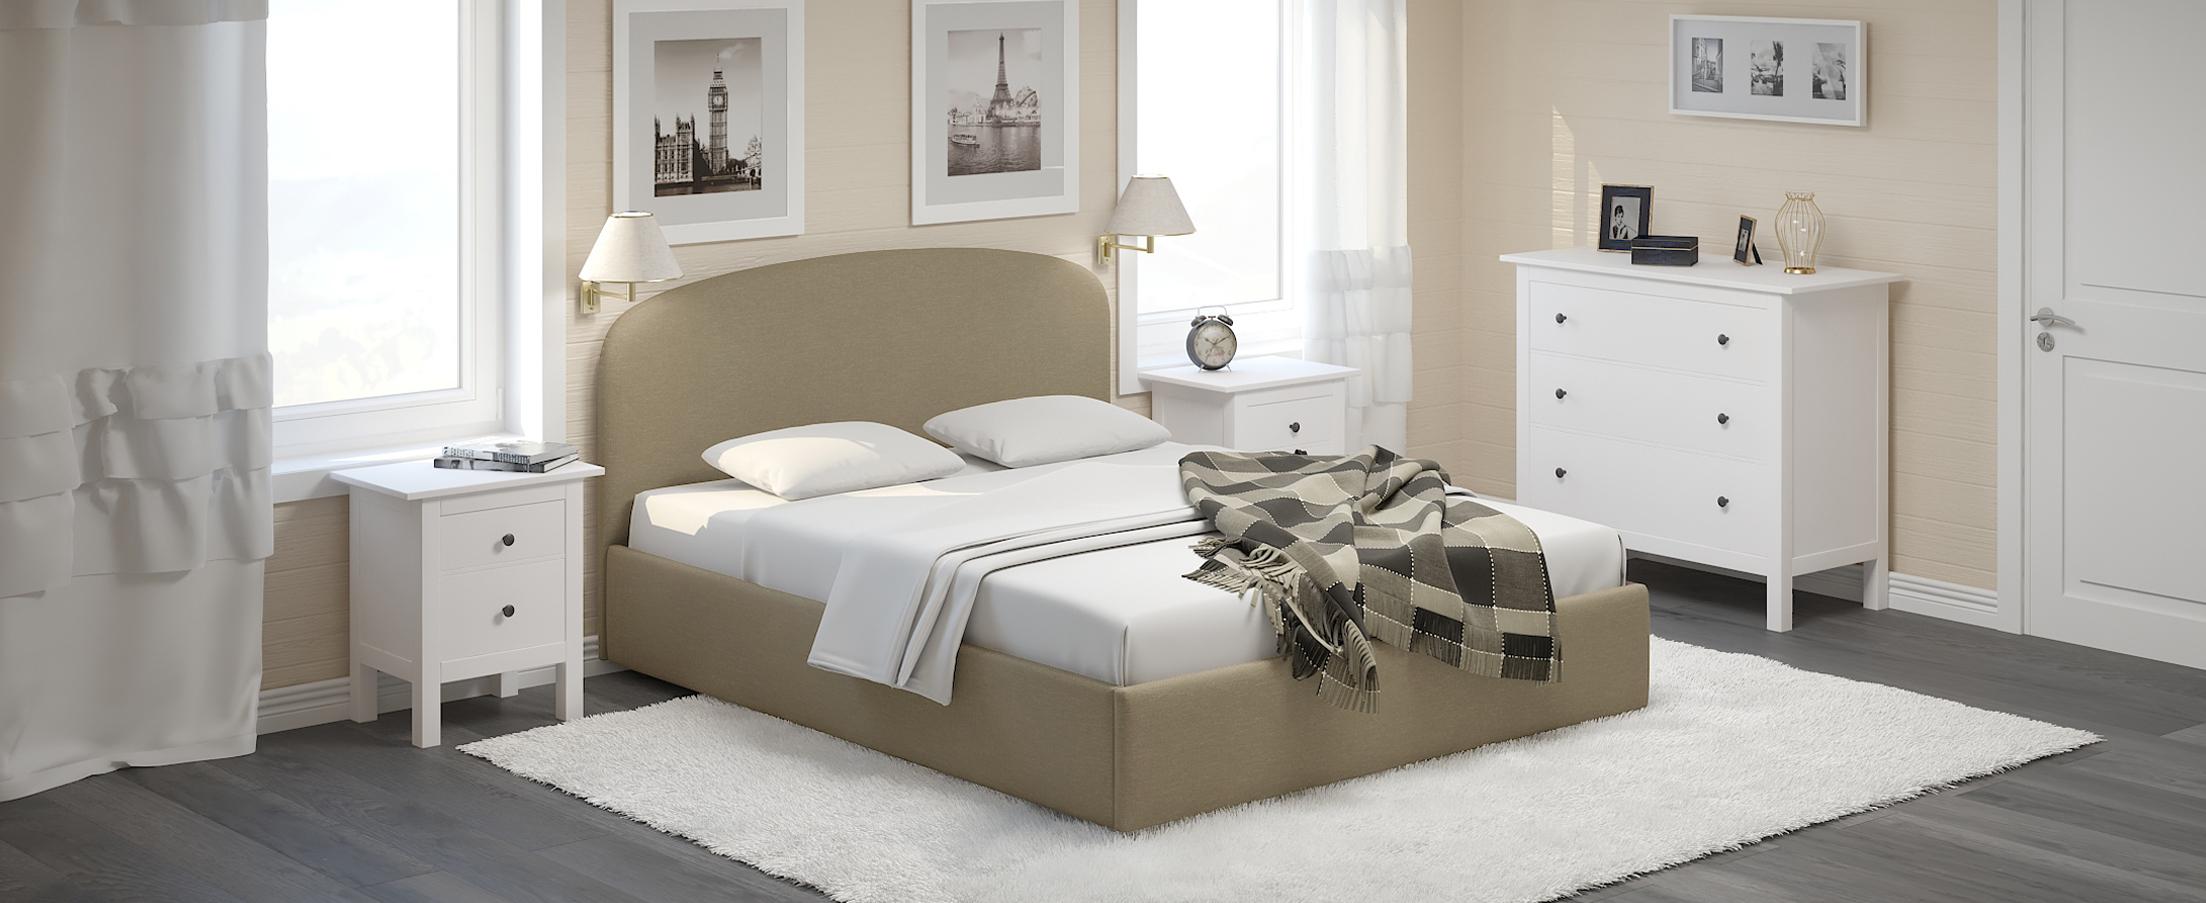 Кровать двуспальная Лия 140х200 Модель 1205Кровать Лия – воплощение мягкости, простора и удобства. Воздушность формы, изящно изогнутая спинка и оригинальный кант на изголовье подчеркнут стиль вашей комнаты.<br><br>Ширина спального места см: 140<br>Длина спального места см: 200<br>Ширина см: 148<br>Глубина см: 210<br>Высота см: 105<br>Встроенное основание: Есть<br>Материал каркаса: ЛДСП<br>Материал обивки: Шенилл<br>Подъемный механизм: Нет<br>Цвет: Бежевый<br>Код ткани: 65-53<br>Бренд: MOON-TRADE